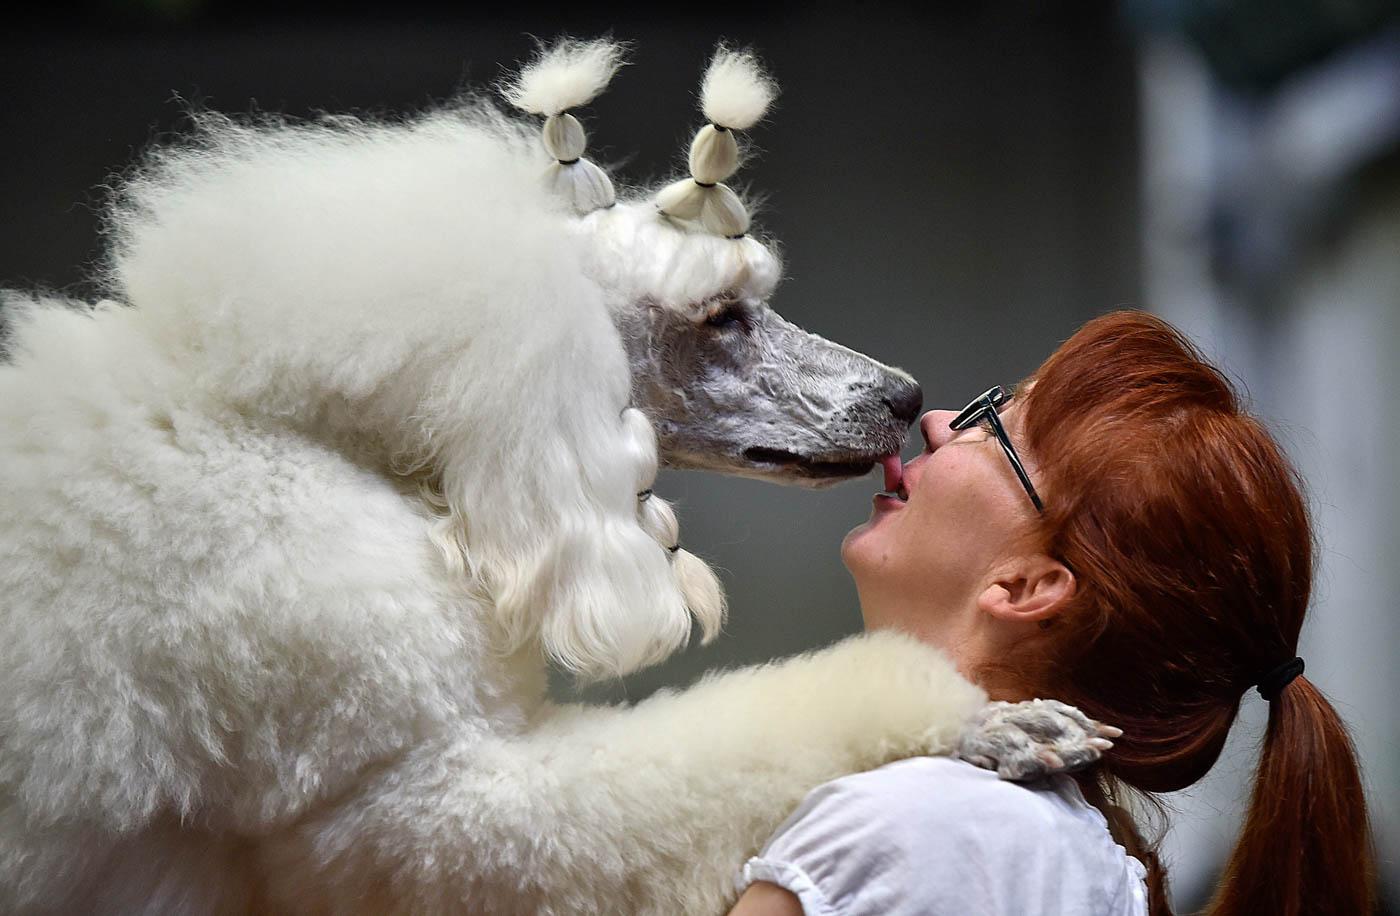 En Alemania, este Poodle Farinelli besa su dueña durante un show de perros